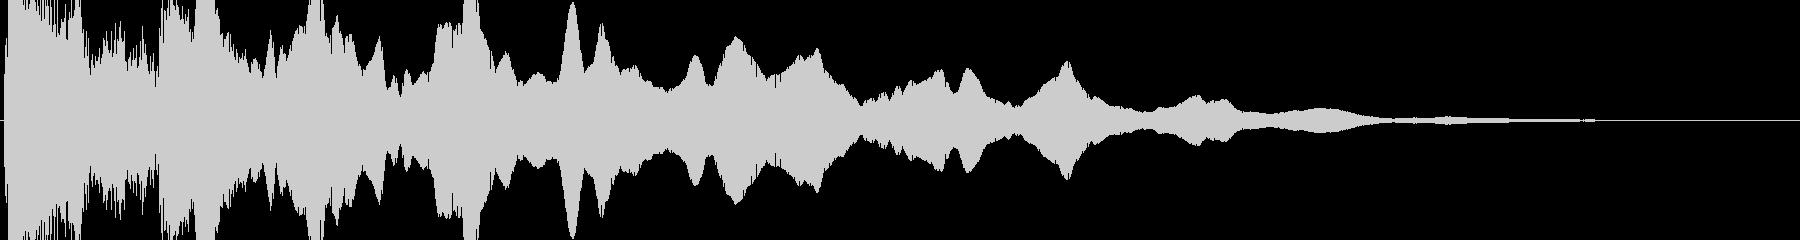 てー(ガラス的クリック音)の未再生の波形